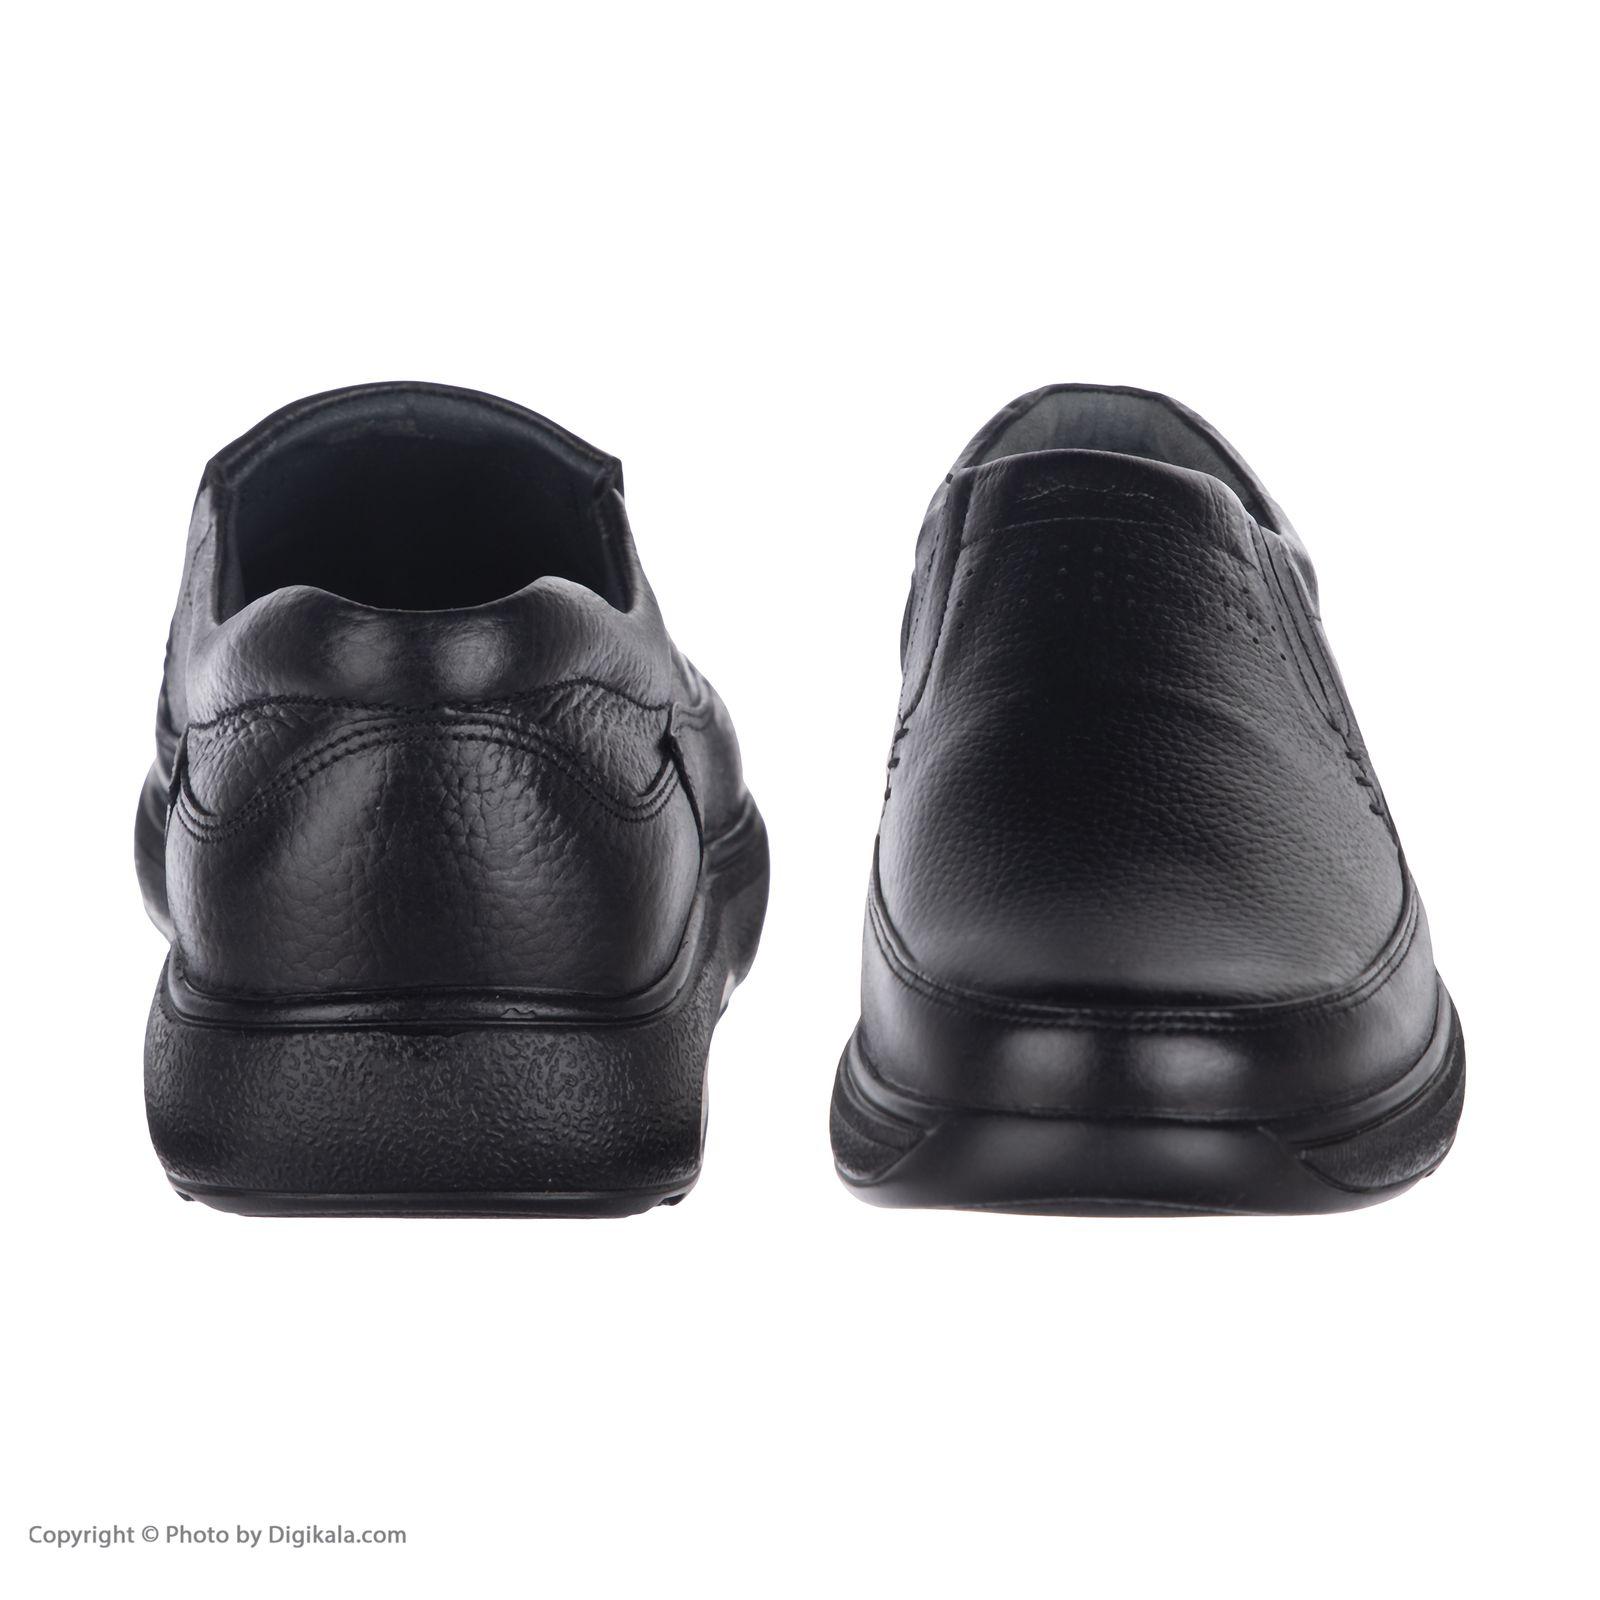 کفش روزمره مردانه دانادل مدل 8605A503101 -  - 3